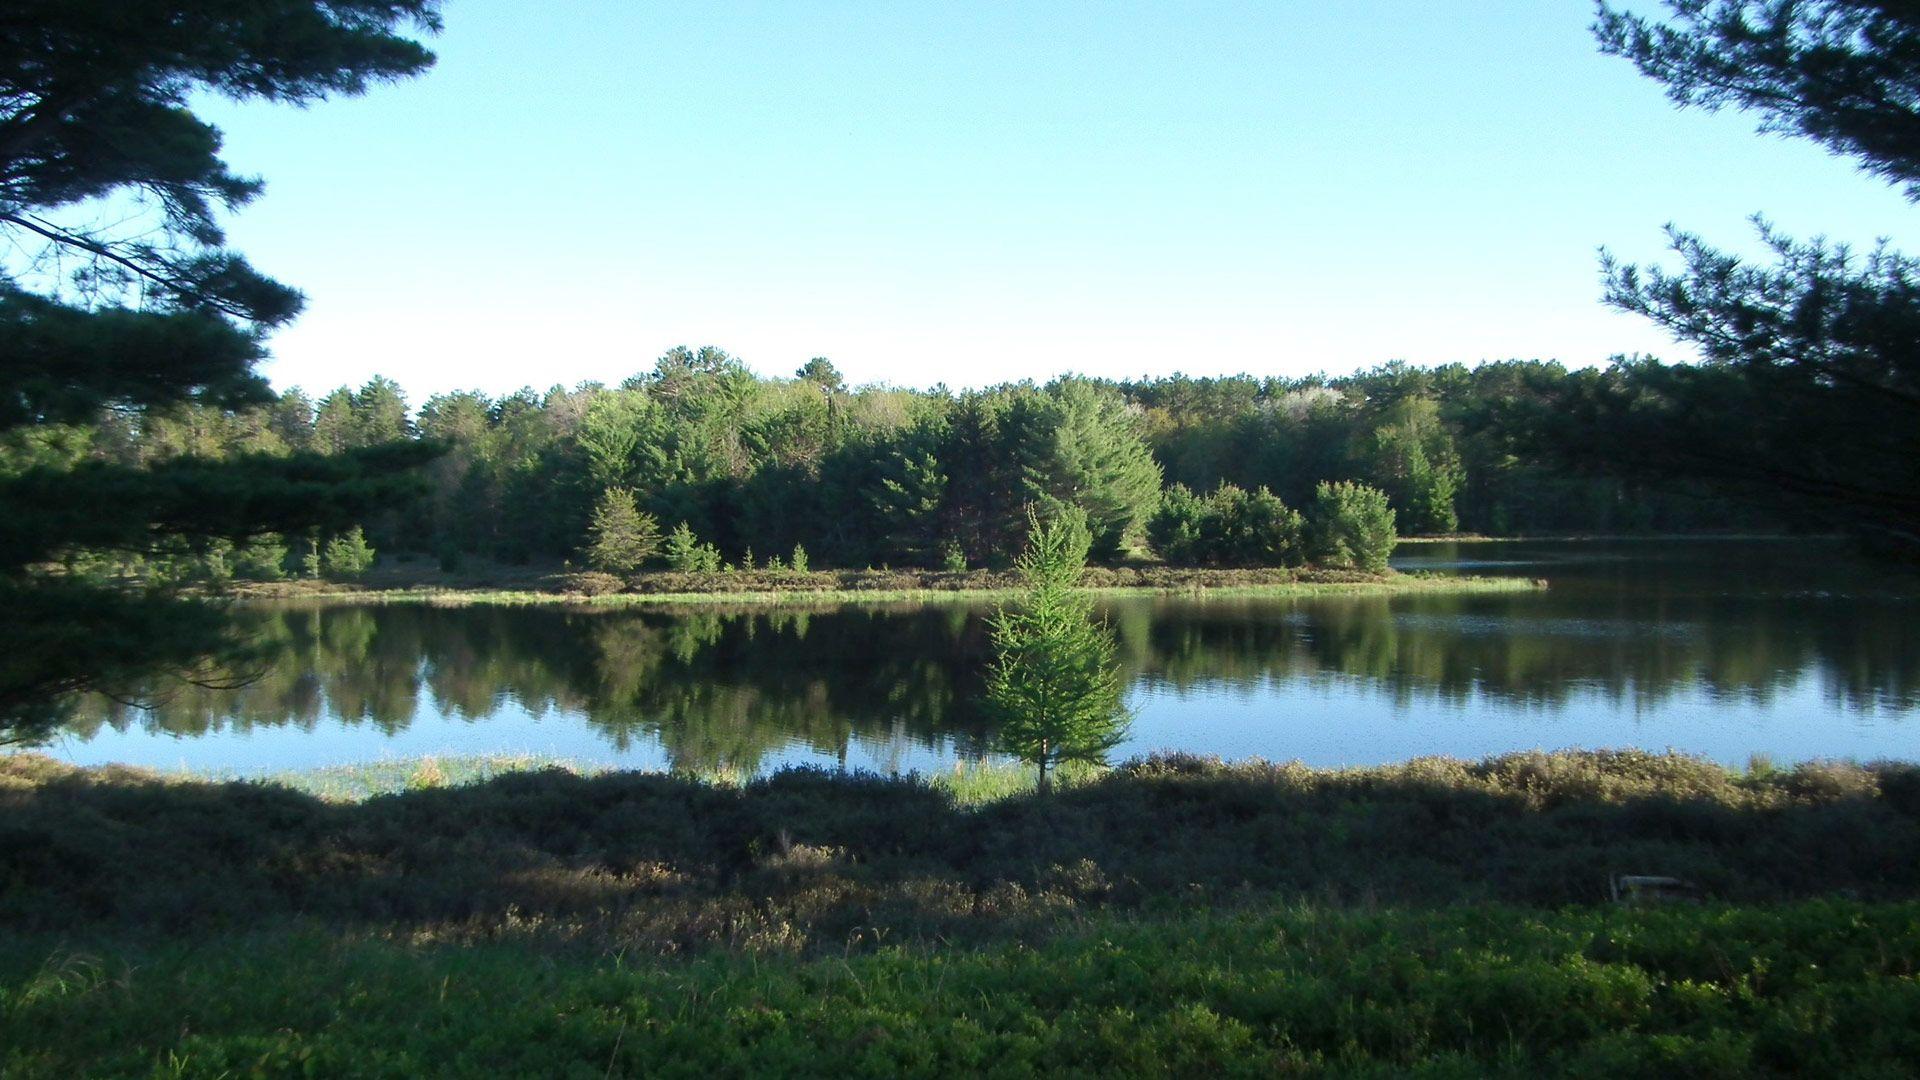 Spring in Land O' Lakes